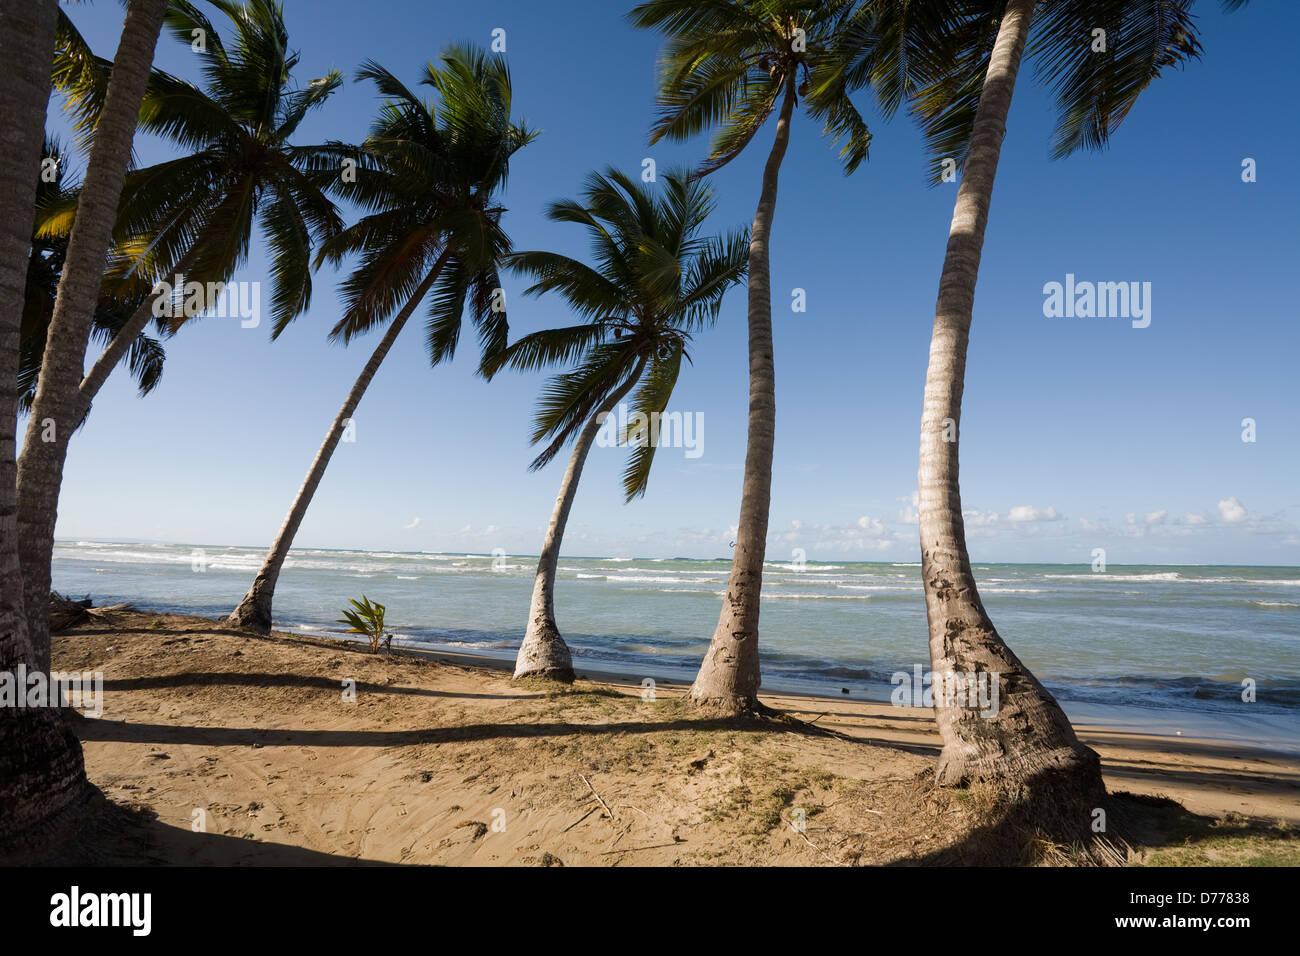 Las Terrenas, República Dominicana, cocoteros en Playa Bonita Beach Imagen De Stock